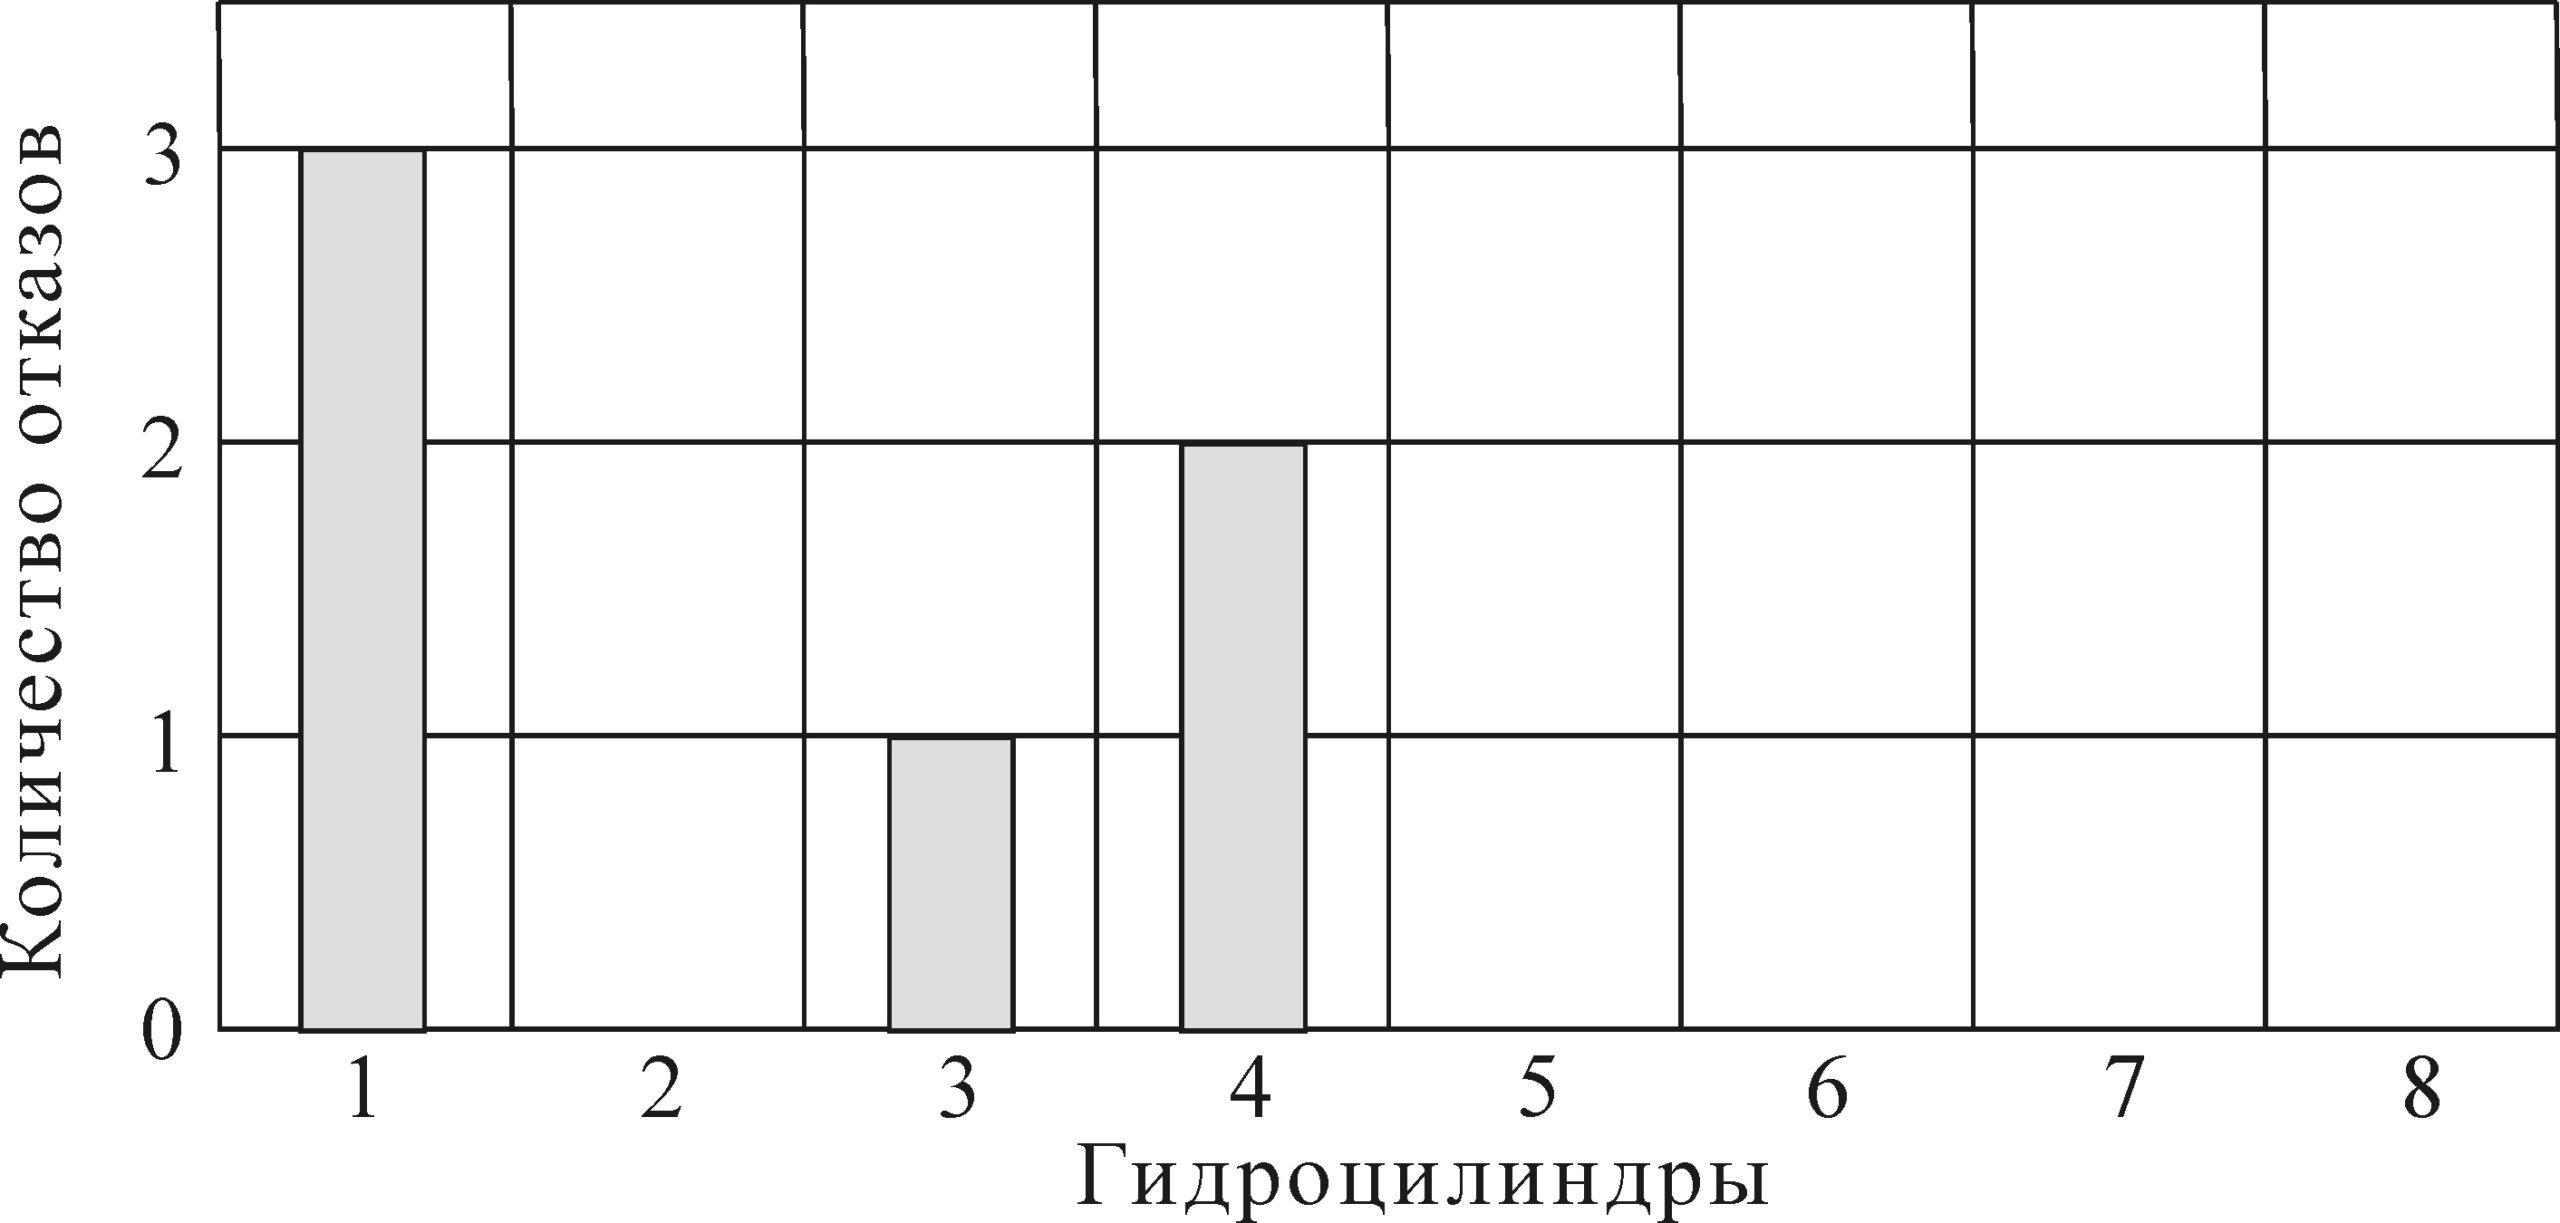 Рисунок 9 – Гистограмма отказов по гидроцилиндрам вертикального перемещения холодильника